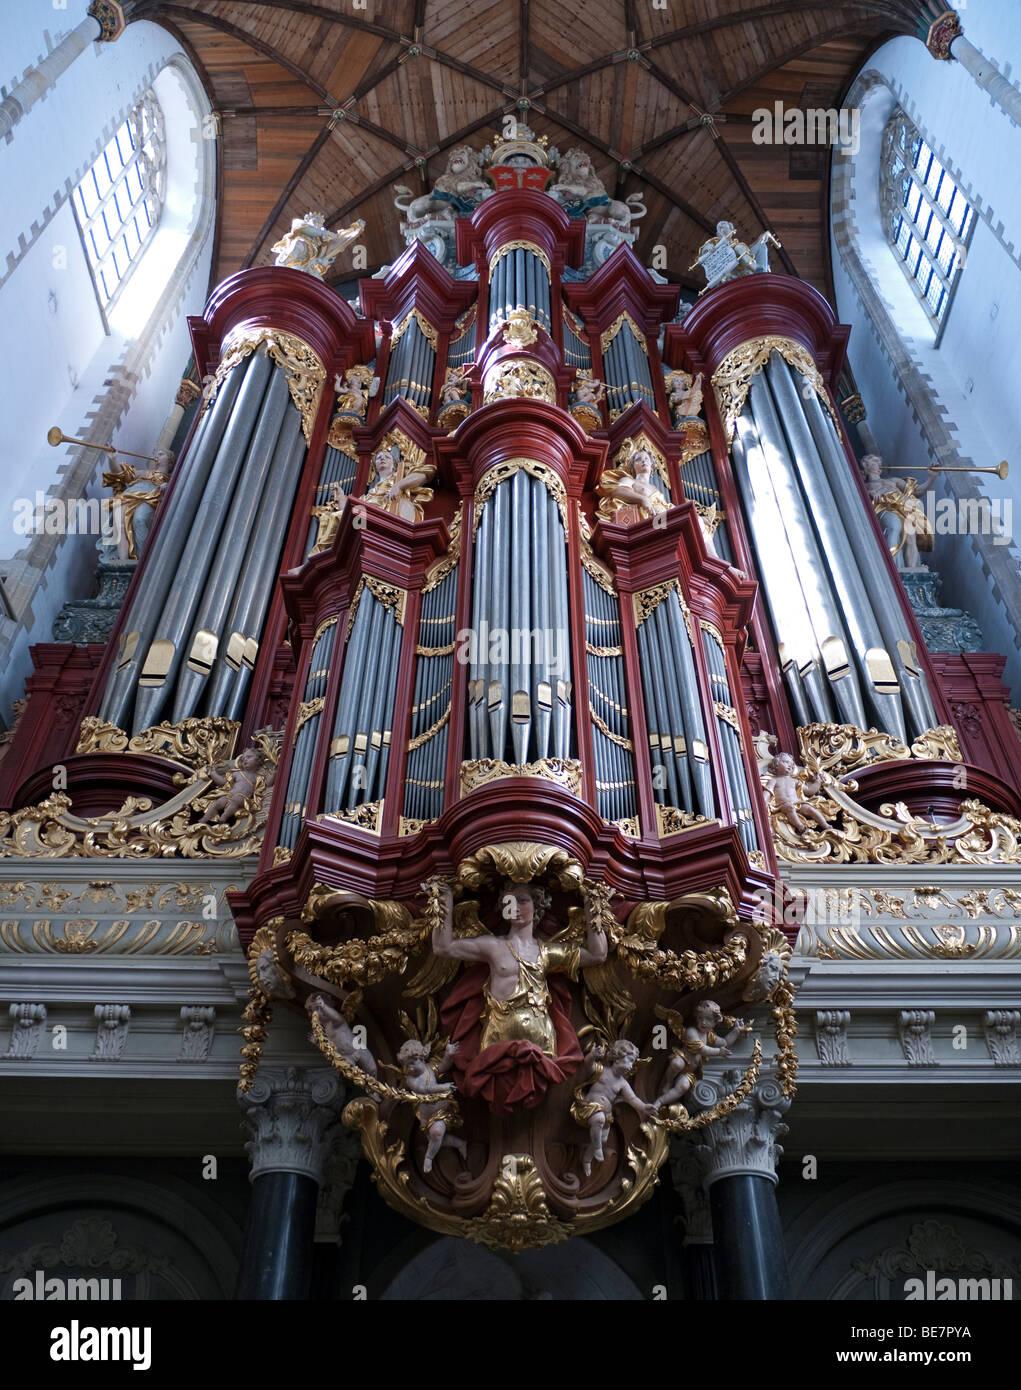 Die berühmte Orgel in Sint-Bavokerk in Sint-Bavokerk (oder St. Bavo-Kirche), Haarlem, Niederlande Stockbild